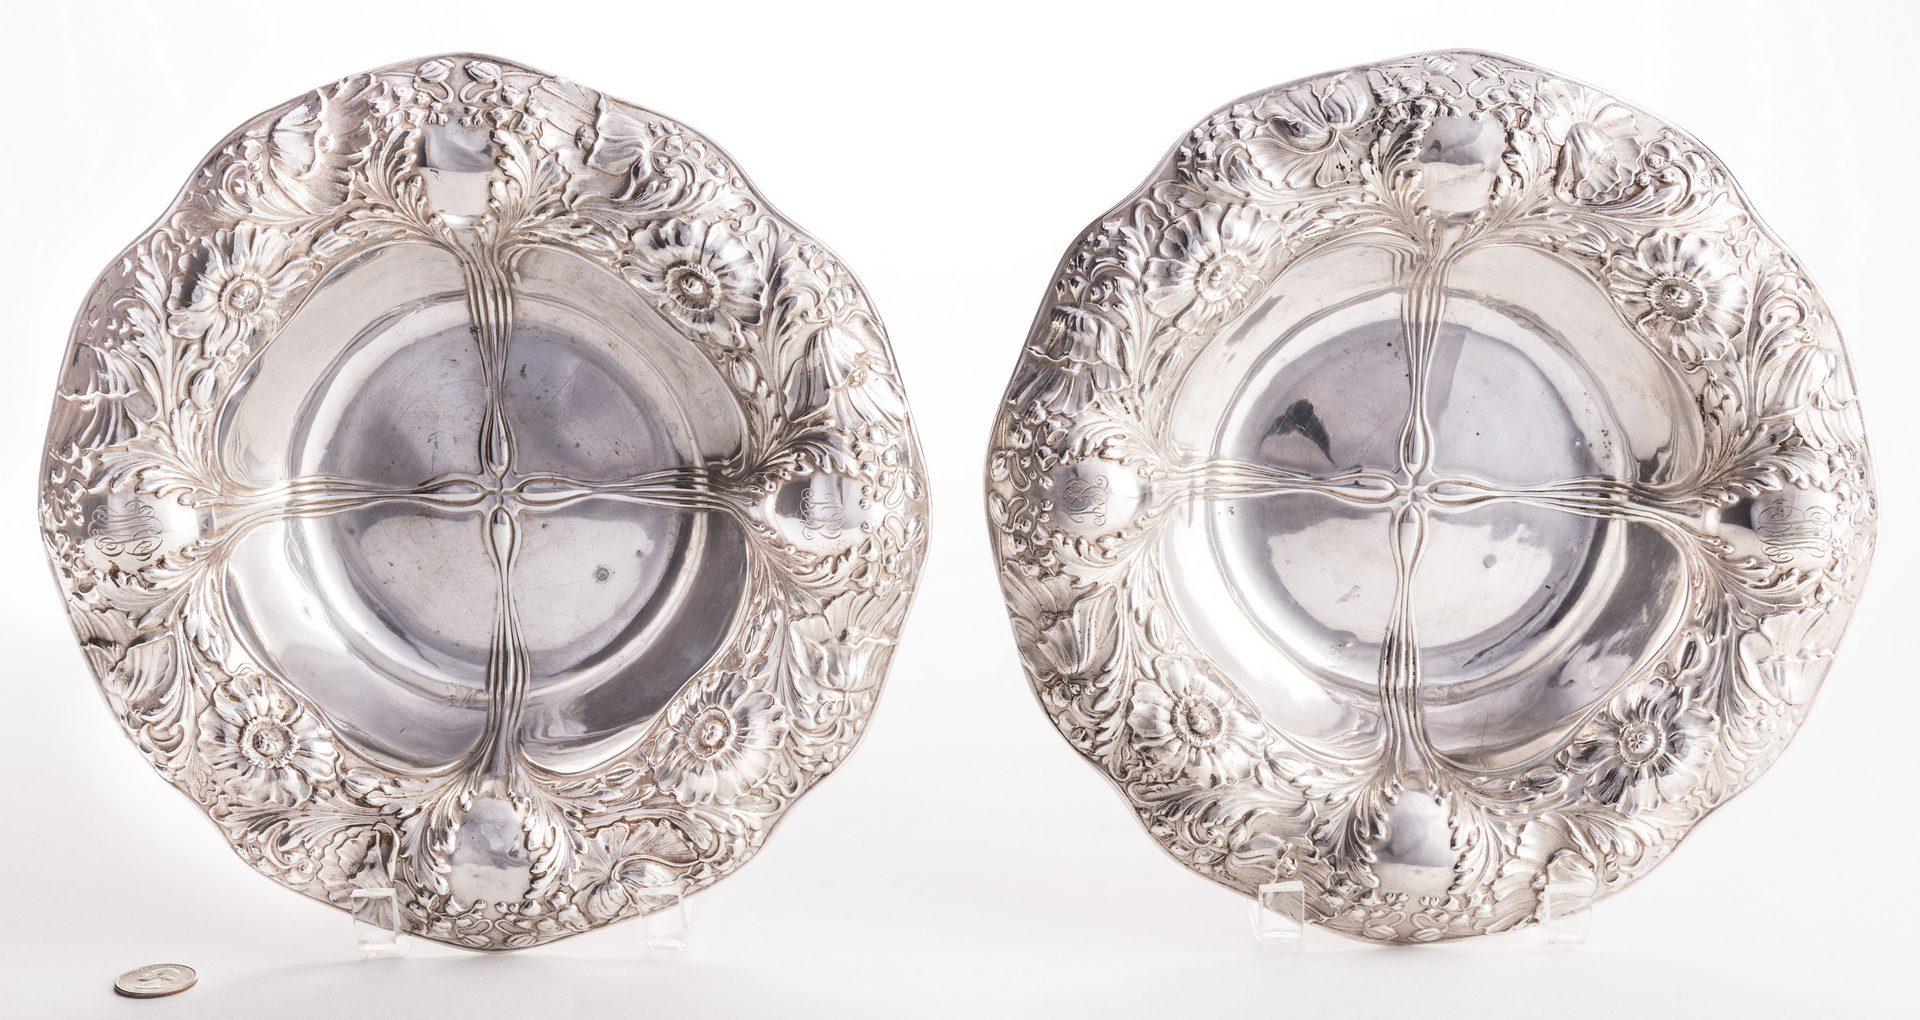 Lot 685: Pr. Black Starr & Frost Repousse Serving Bowls